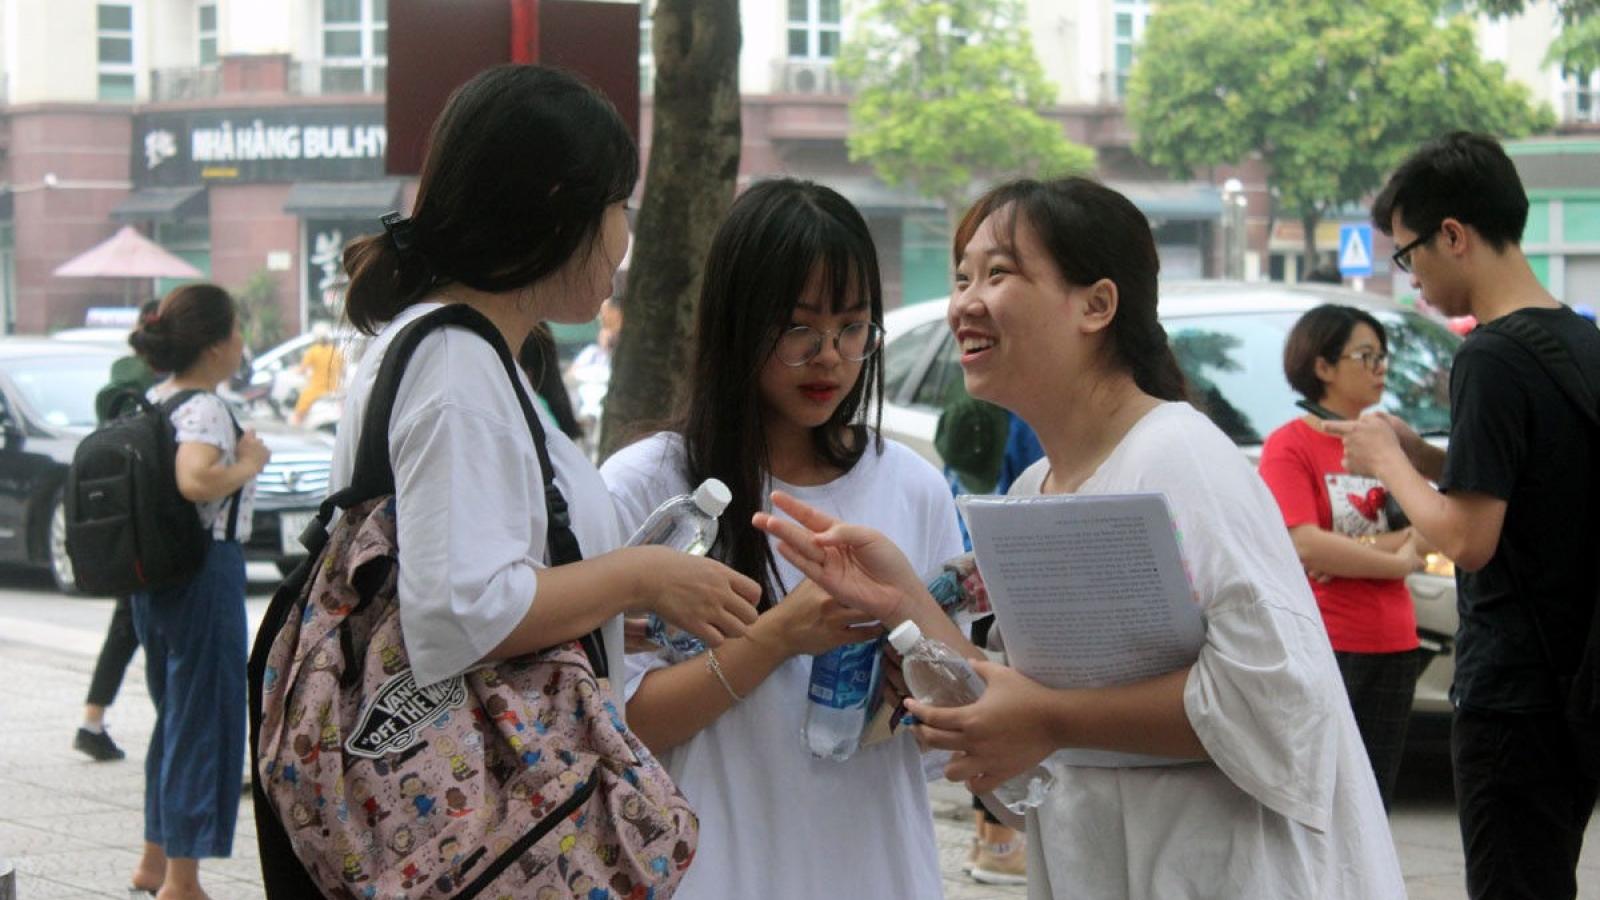 Kết thúc xét tuyển Đại học đợt 1: Điểm chuẩn tăng cao như dự báo